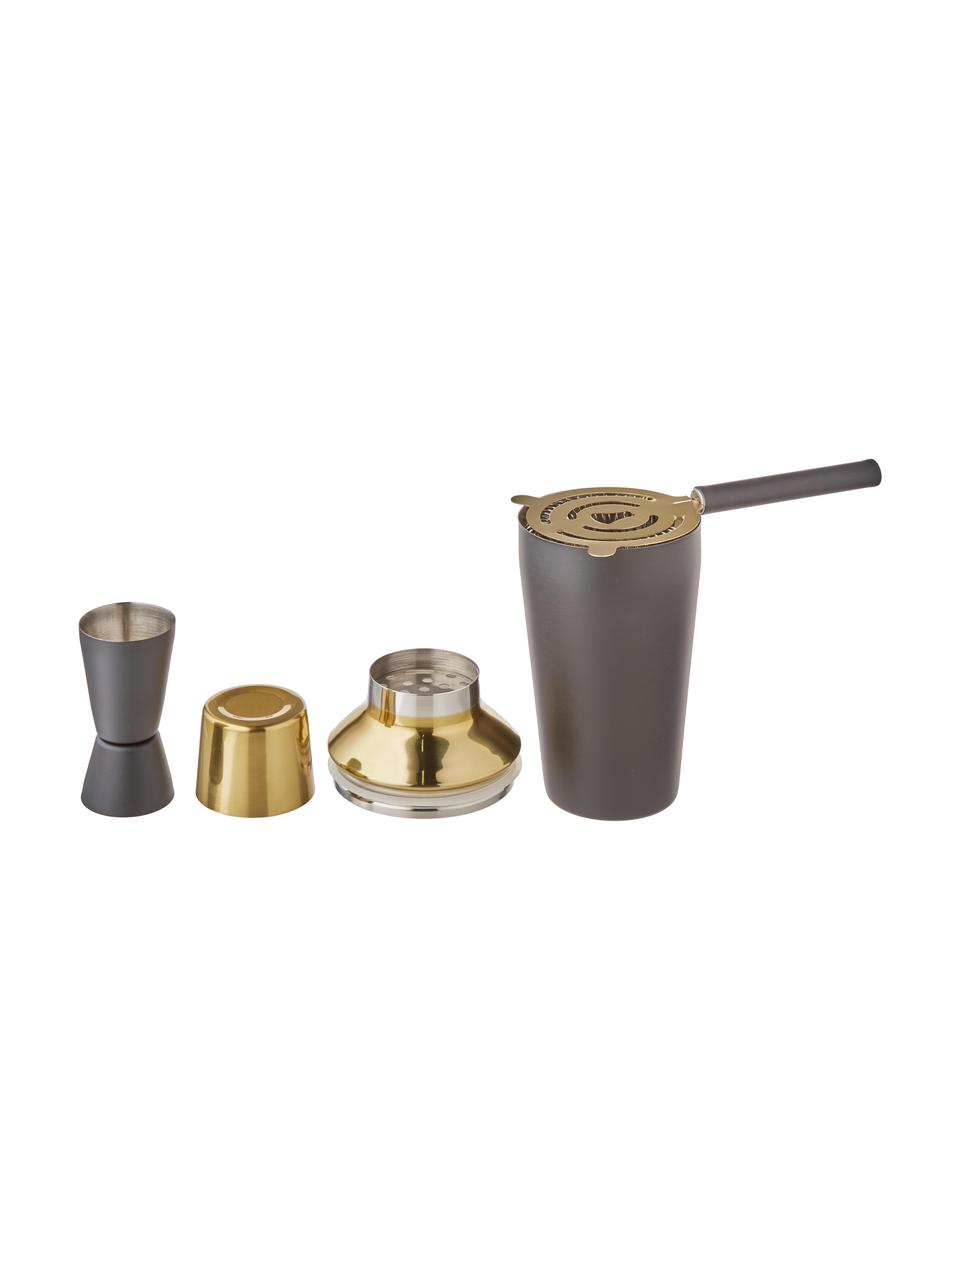 Cocktail-Set Menirau in Schwarz/Gold, 3-tlg., Schwarz, Messingfarben, Set mit verschiedenen Grössen